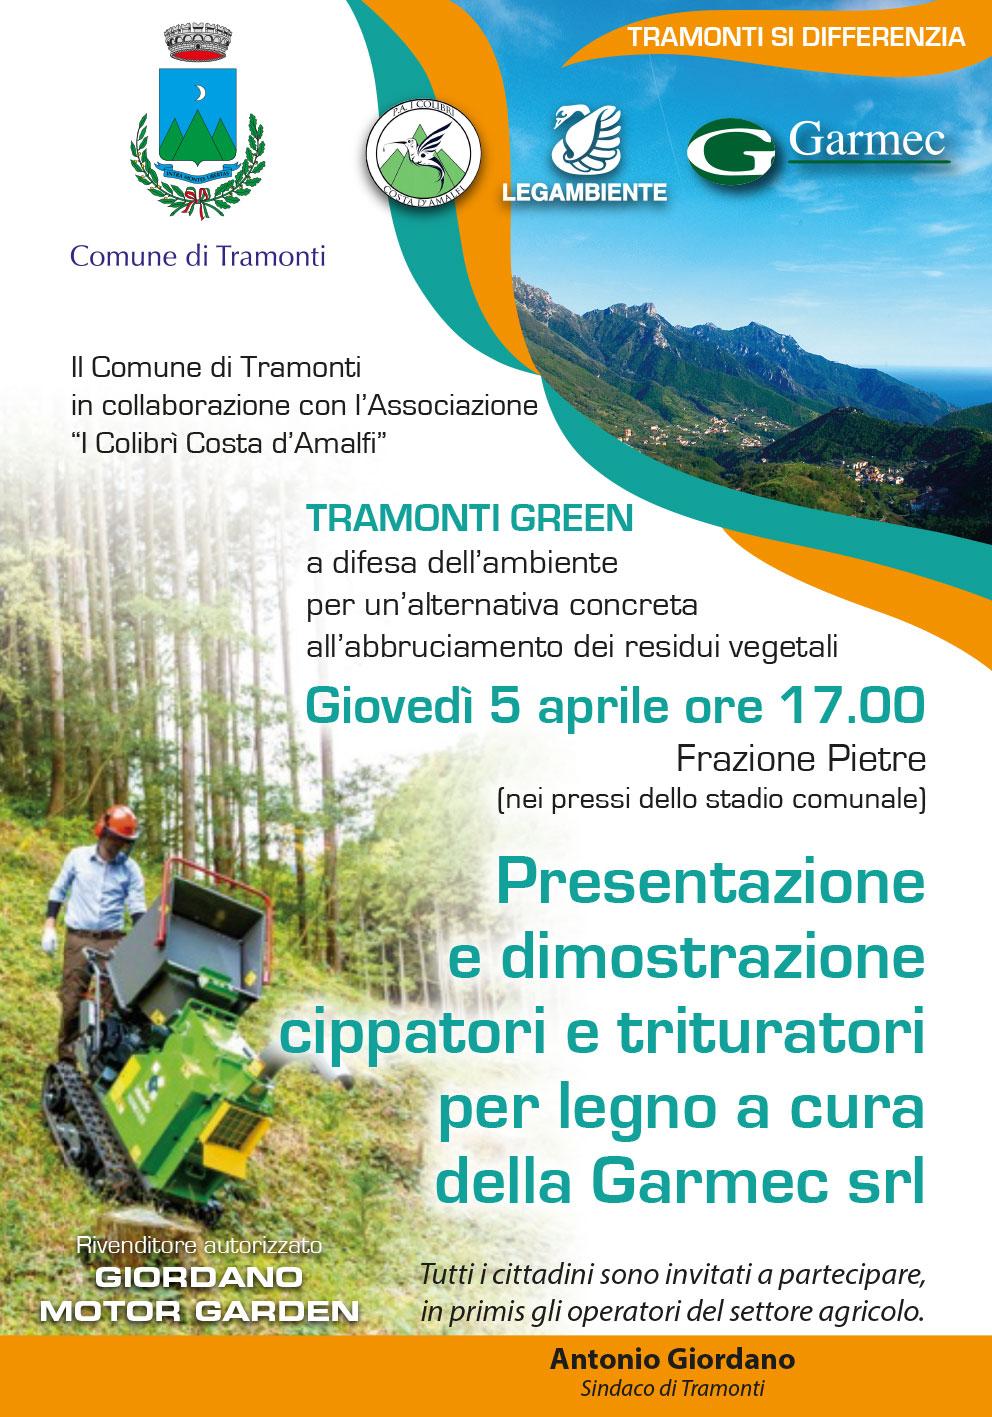 Tramonti Green